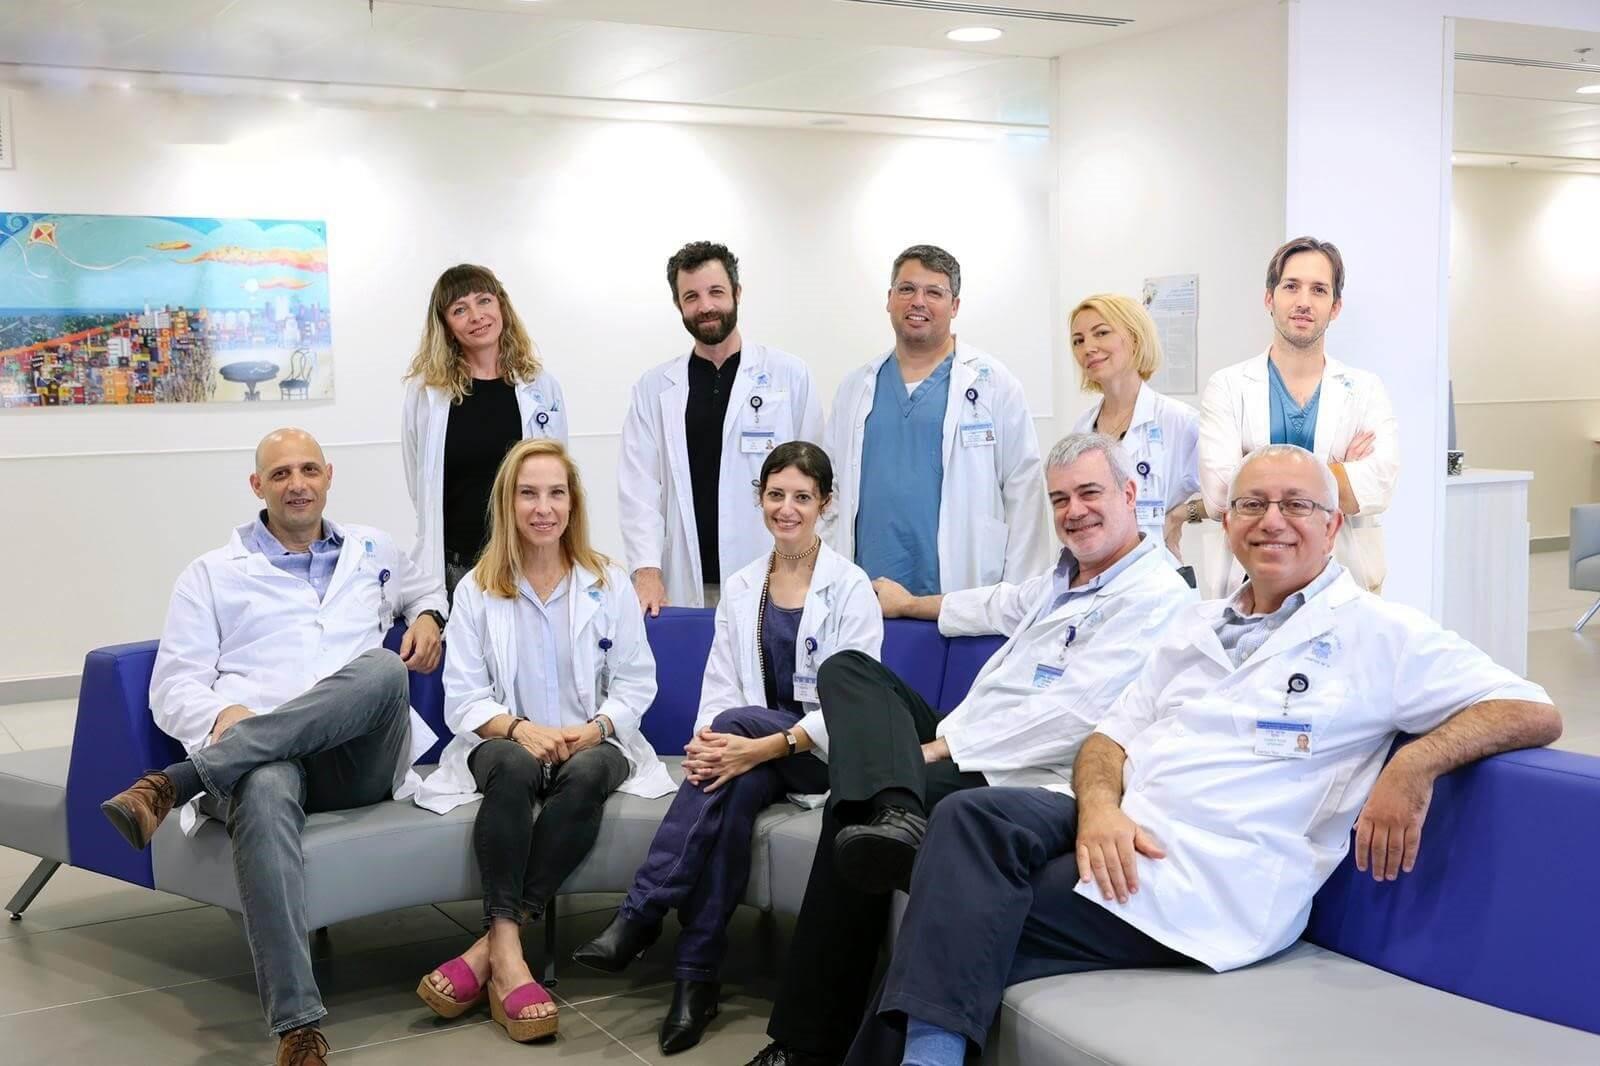 צוות רפואי רב תחומי צילום: ג'ני ירושלמי